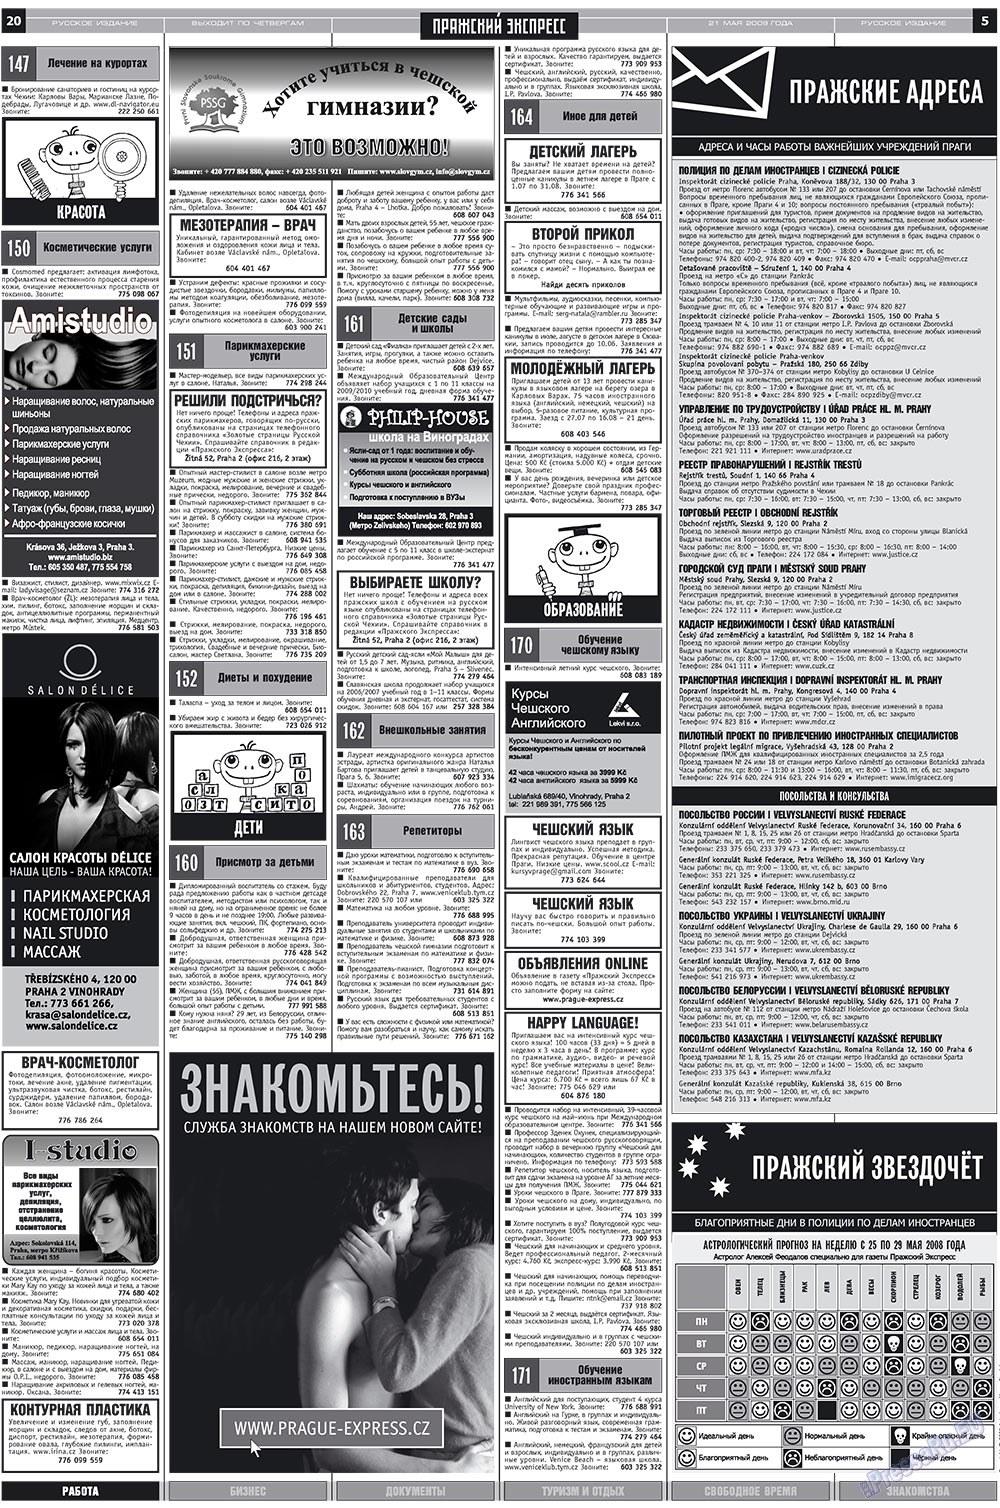 Пражский экспресс (газета). 2009 год, номер 20, стр. 5